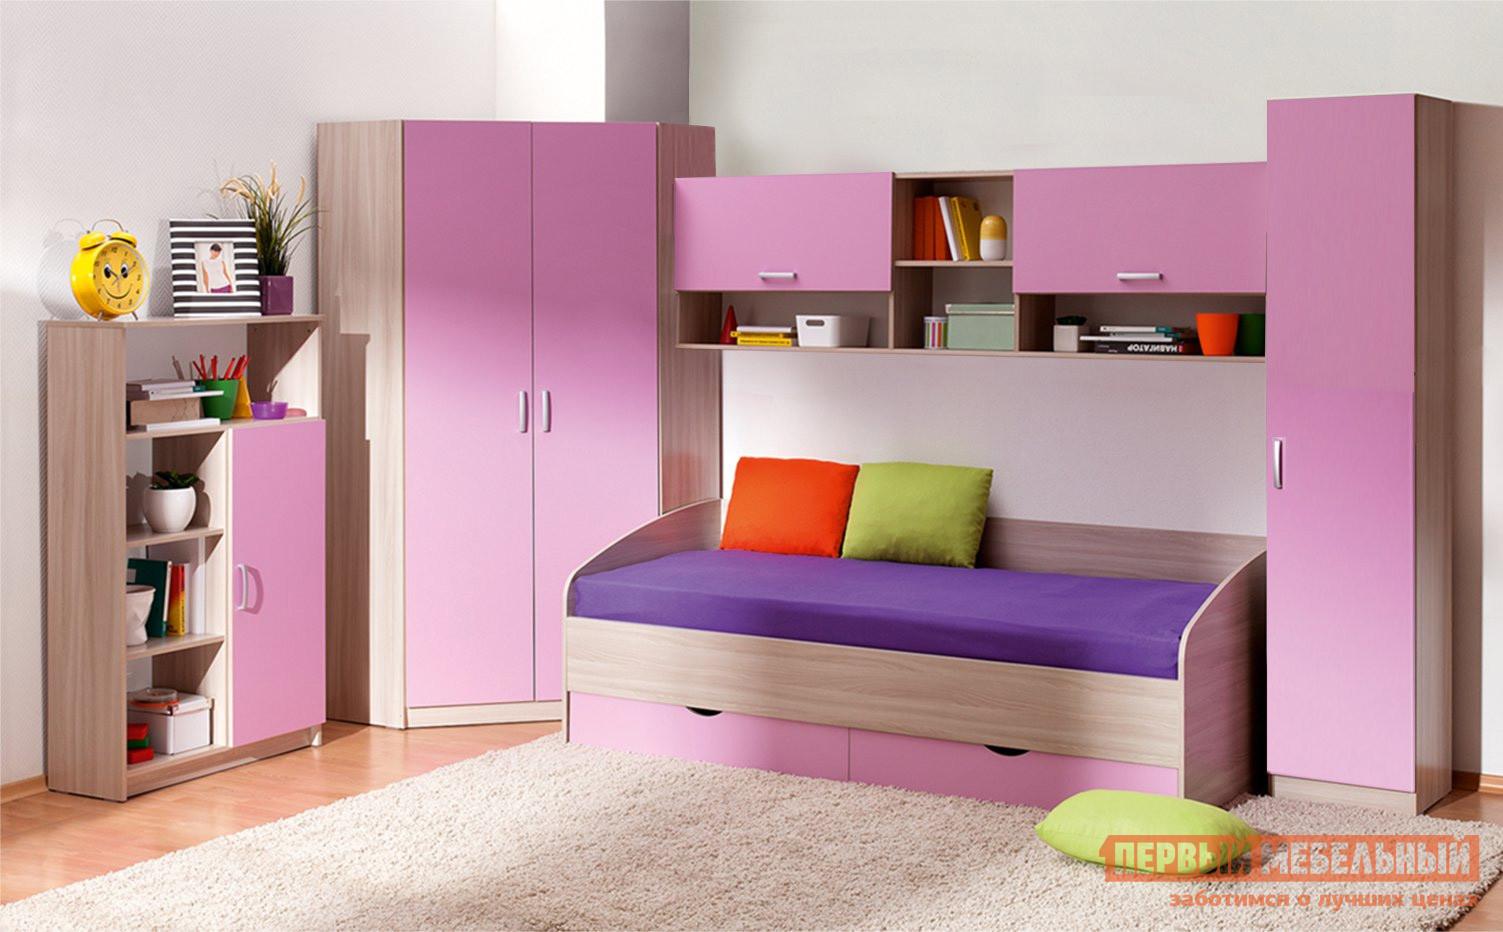 Комплект детской мебели Боровичи Лотос Д5 верстак верстакофф proffi 216 д5 д6 э 101242